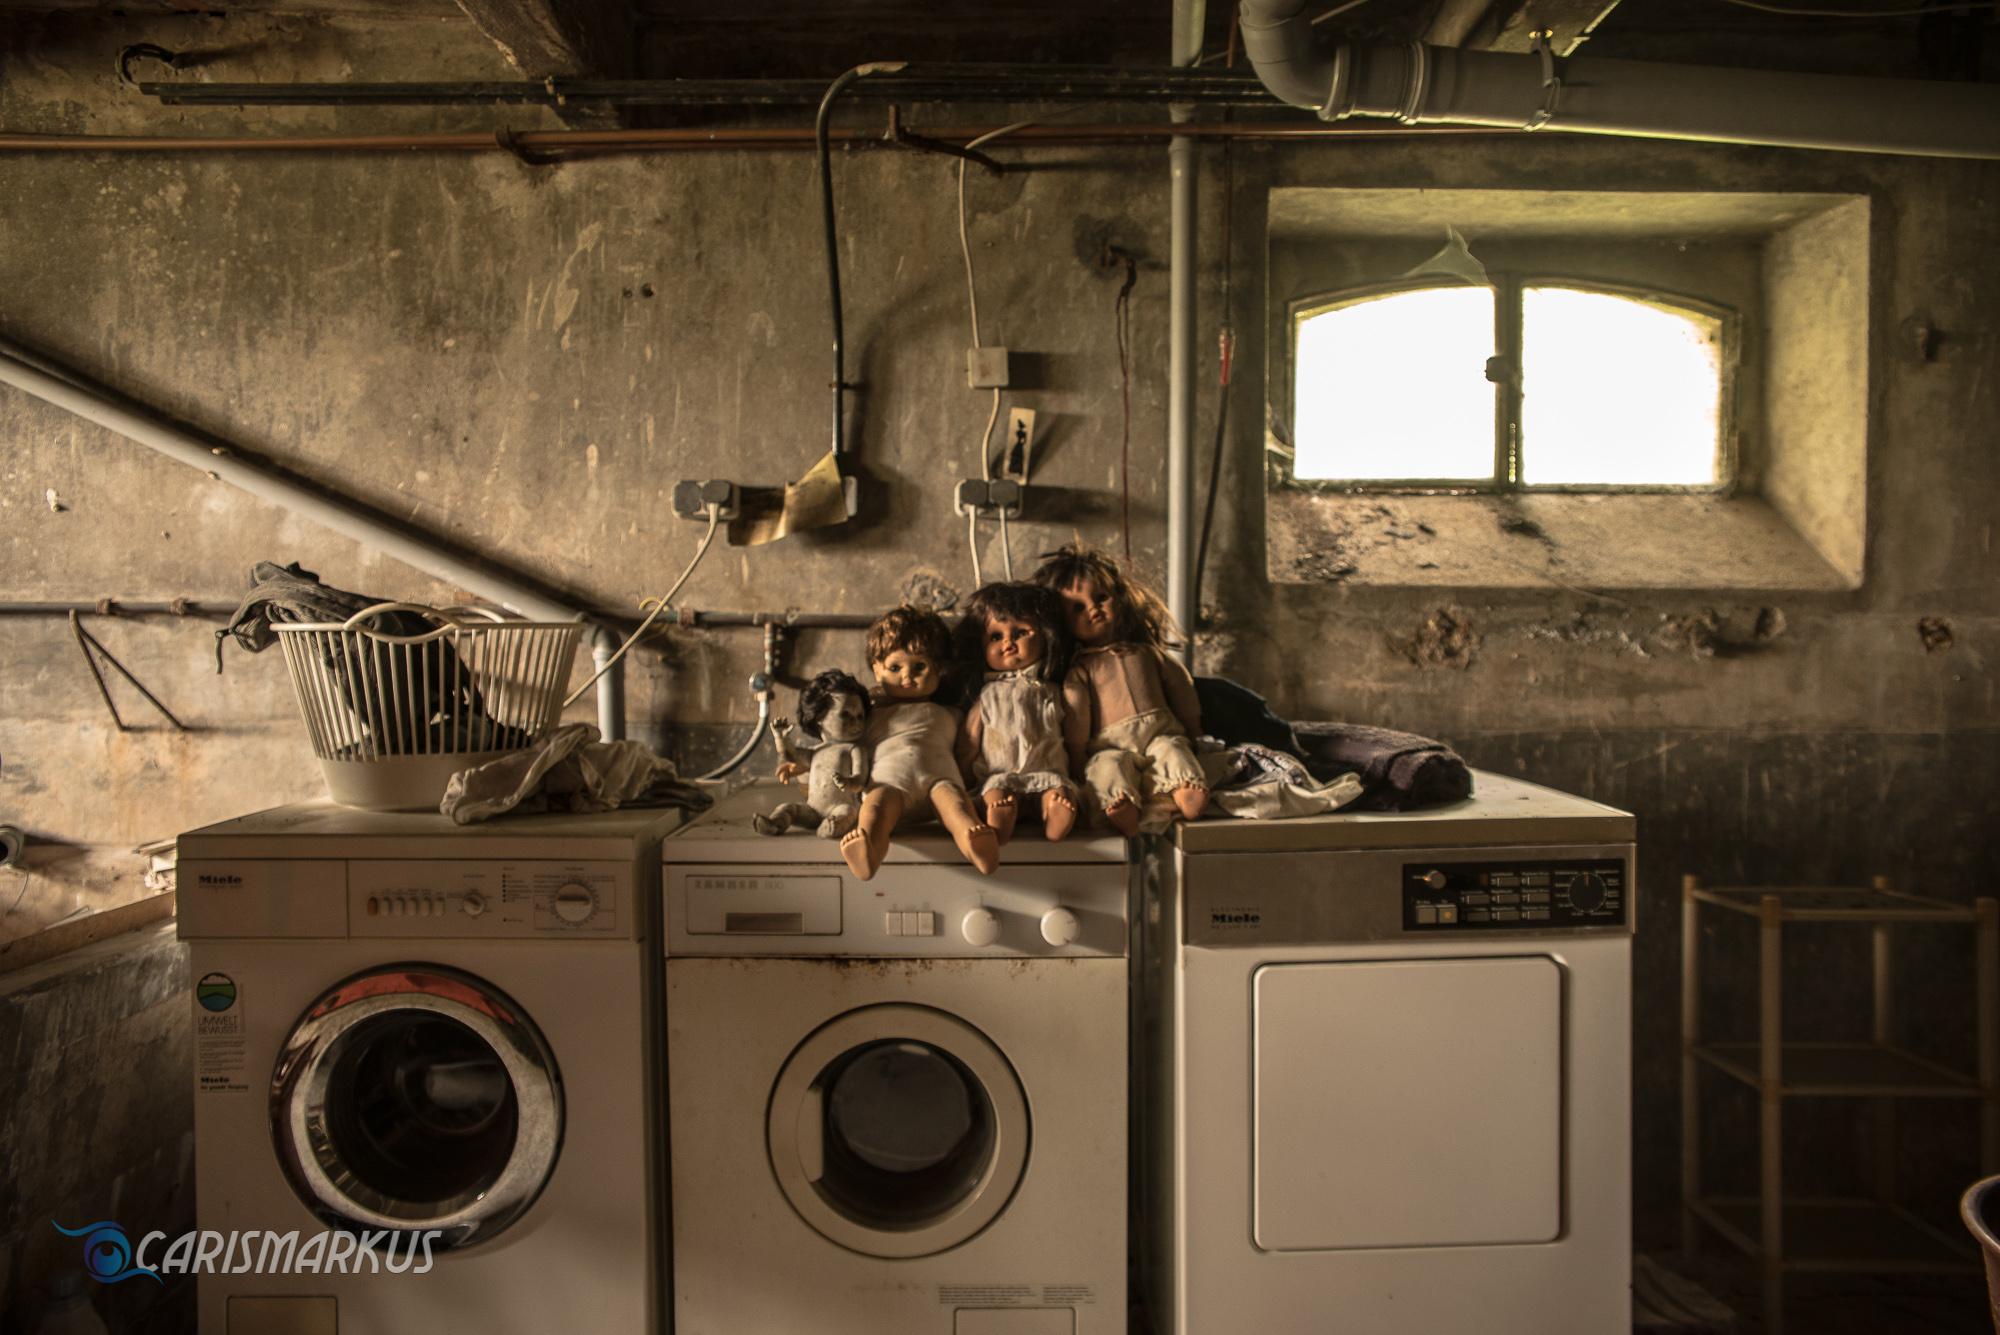 Waschtag im Keller